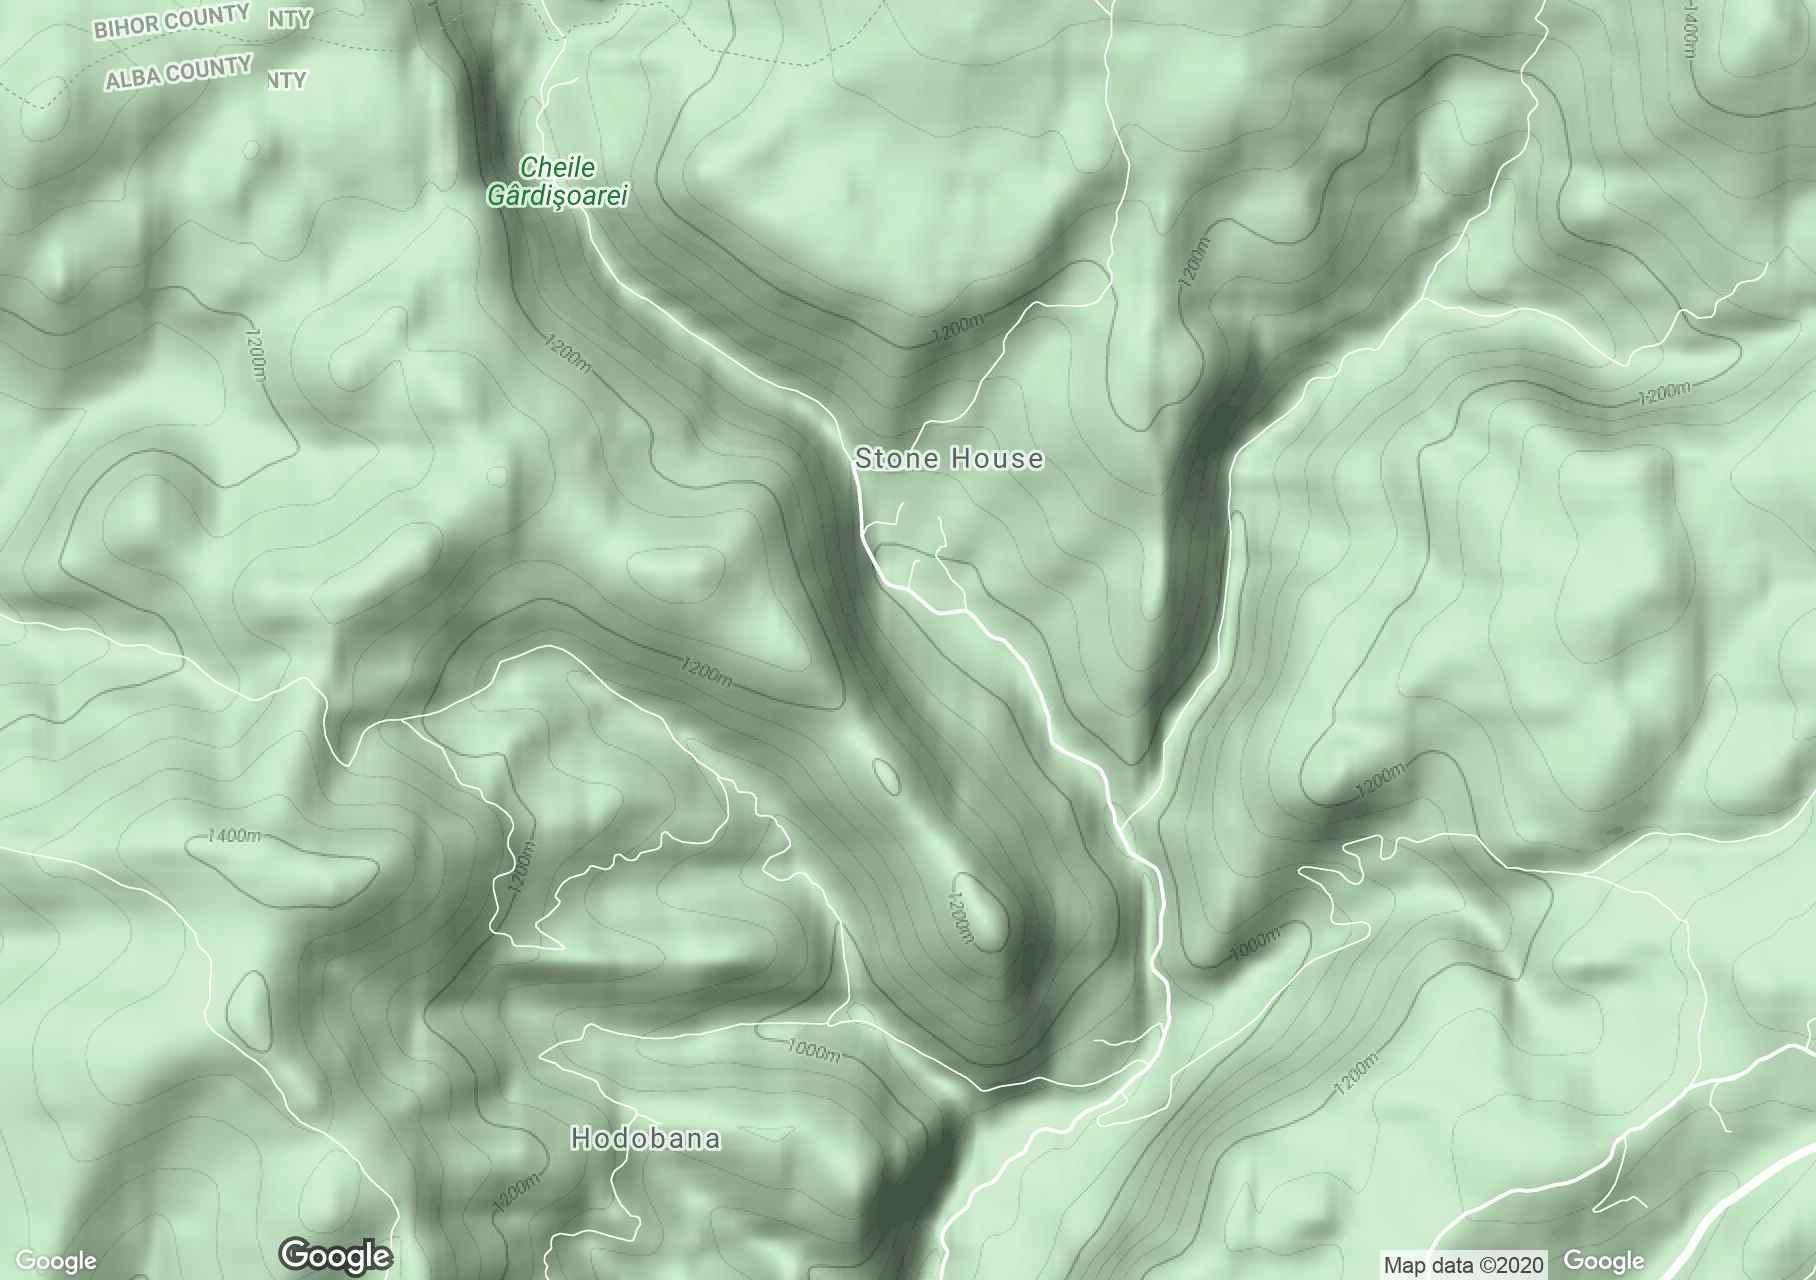 Kőház interaktív turista térképe.